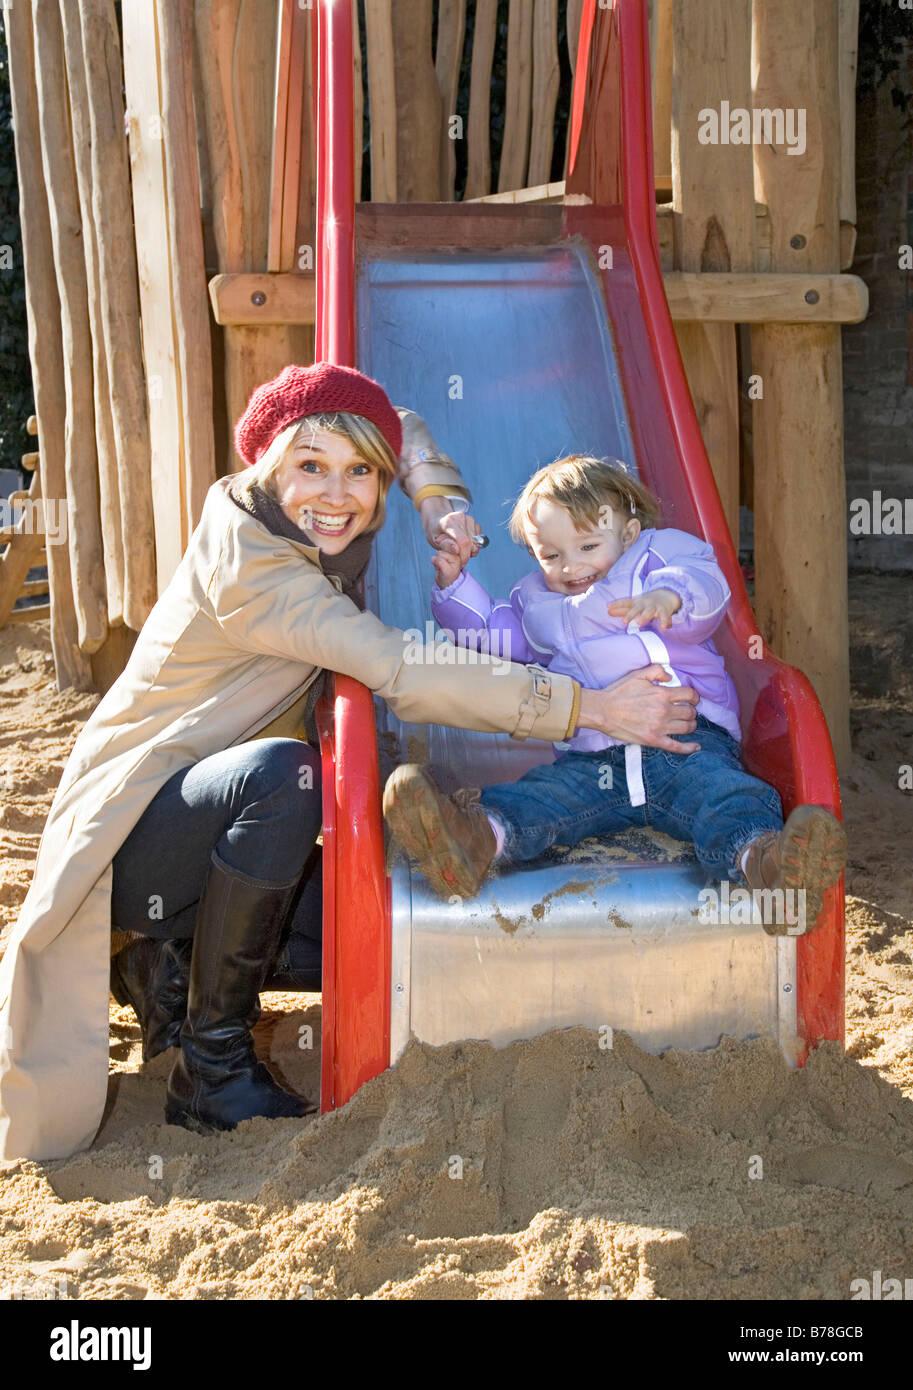 Mère et sa fille de 2 ans sur une diapositive, aire de jeux, Zurich, Switzerland, Europe Banque D'Images